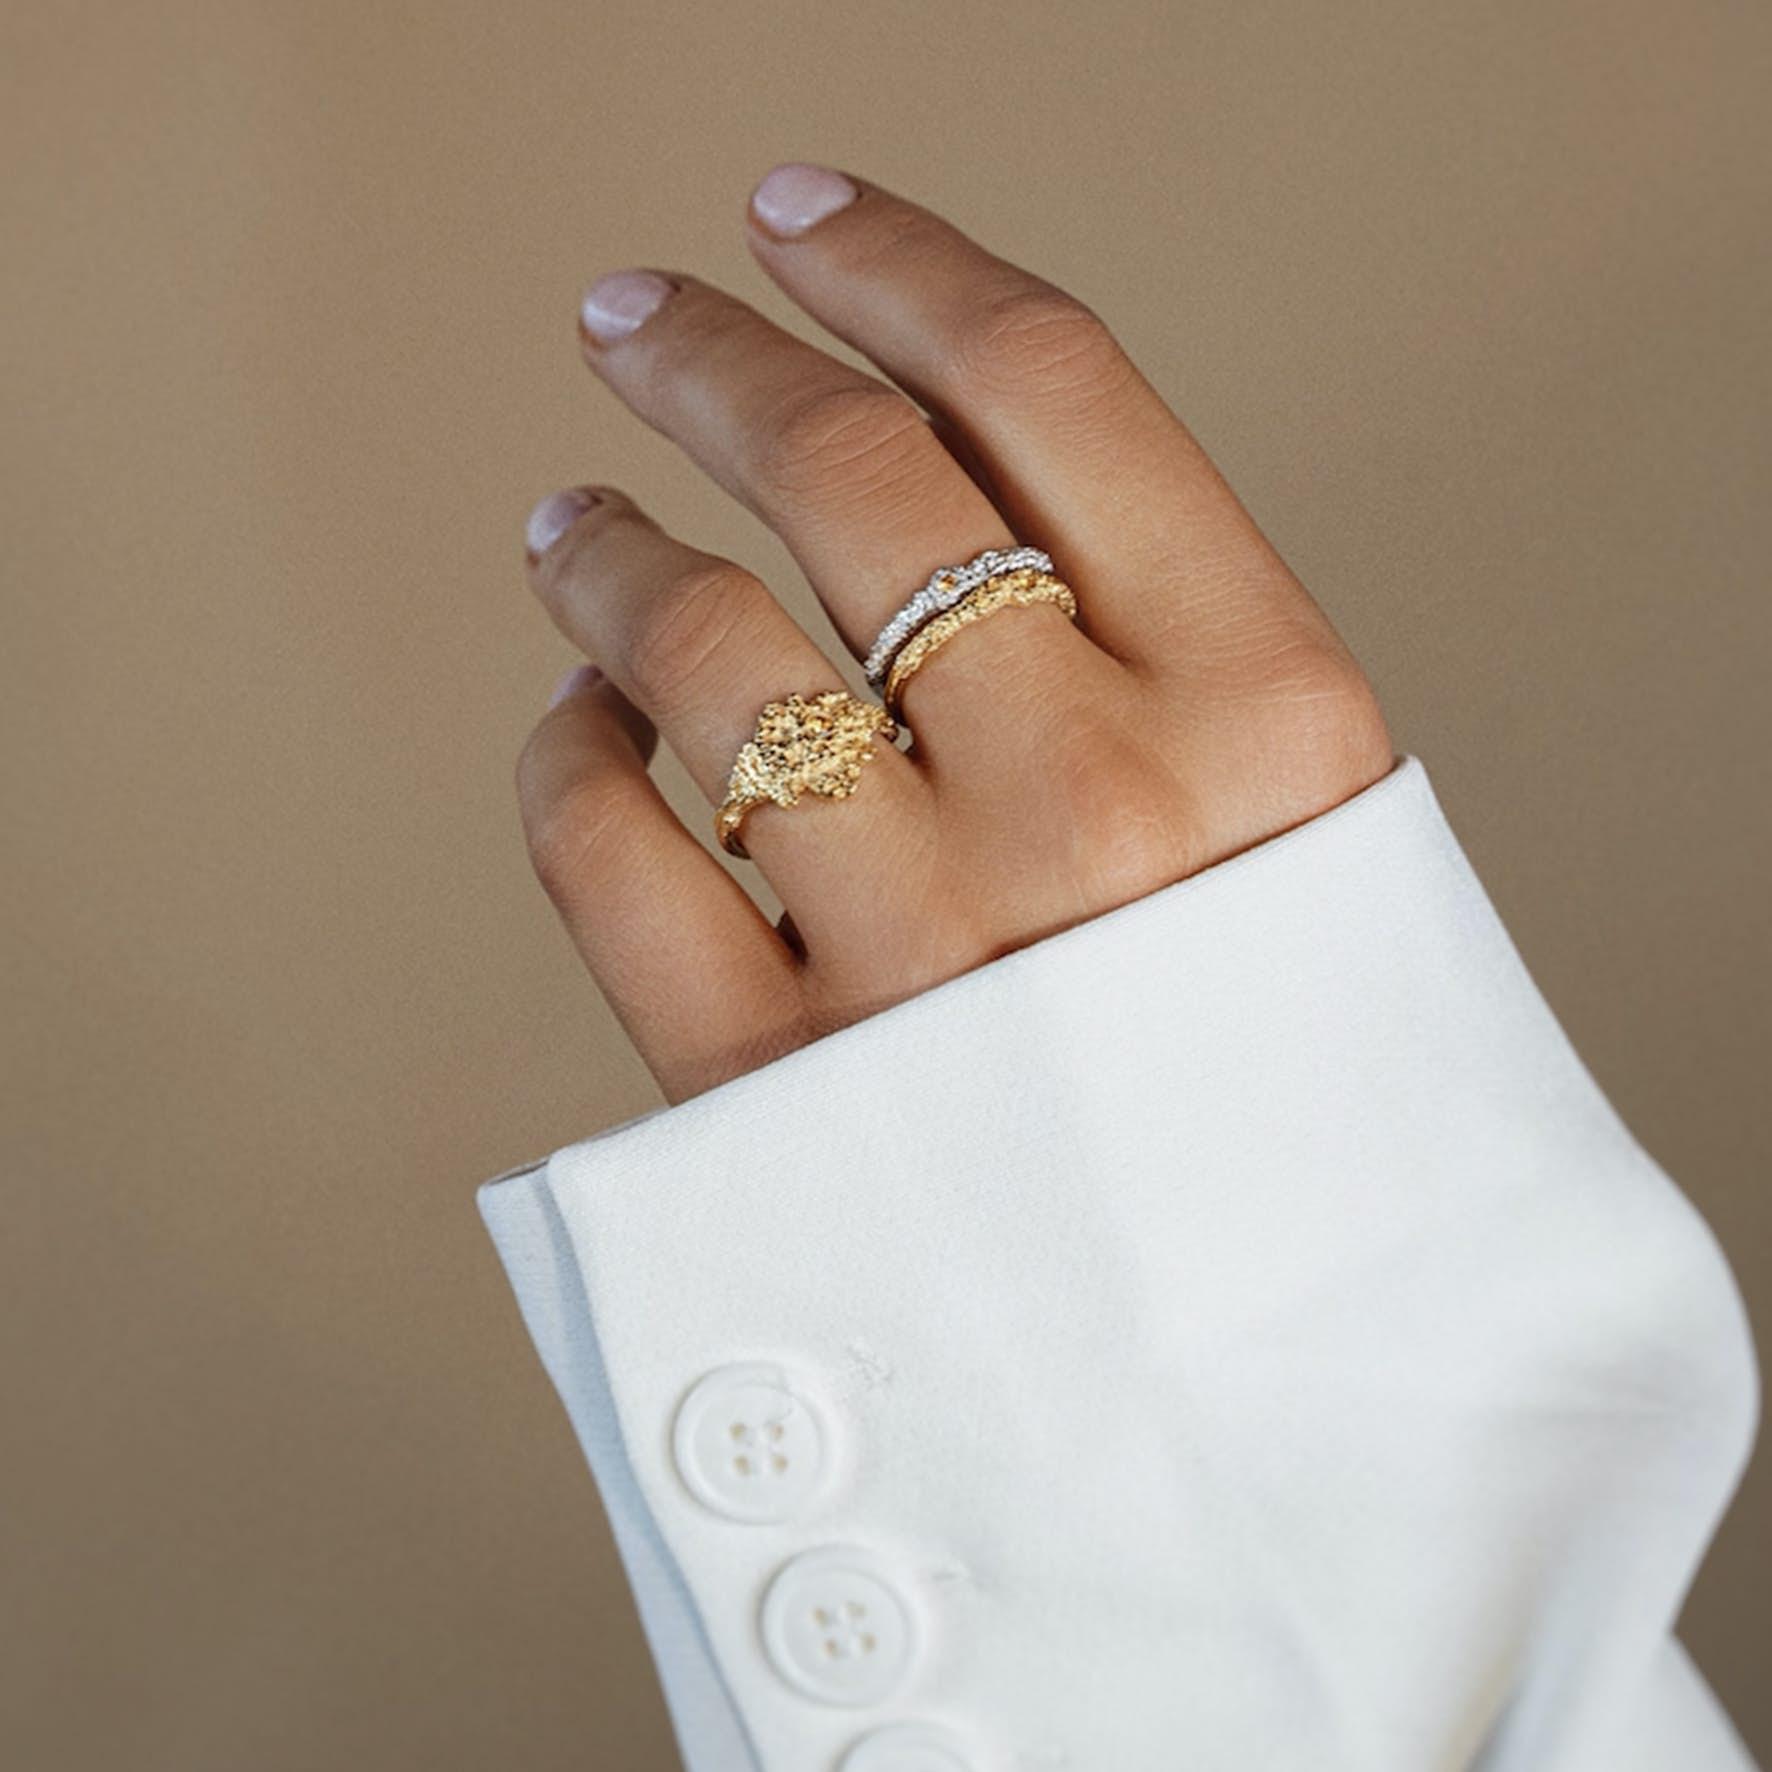 Silke By Sistie Large Ring von Sistie in Vergoldet-Silber Sterling 925 Blank